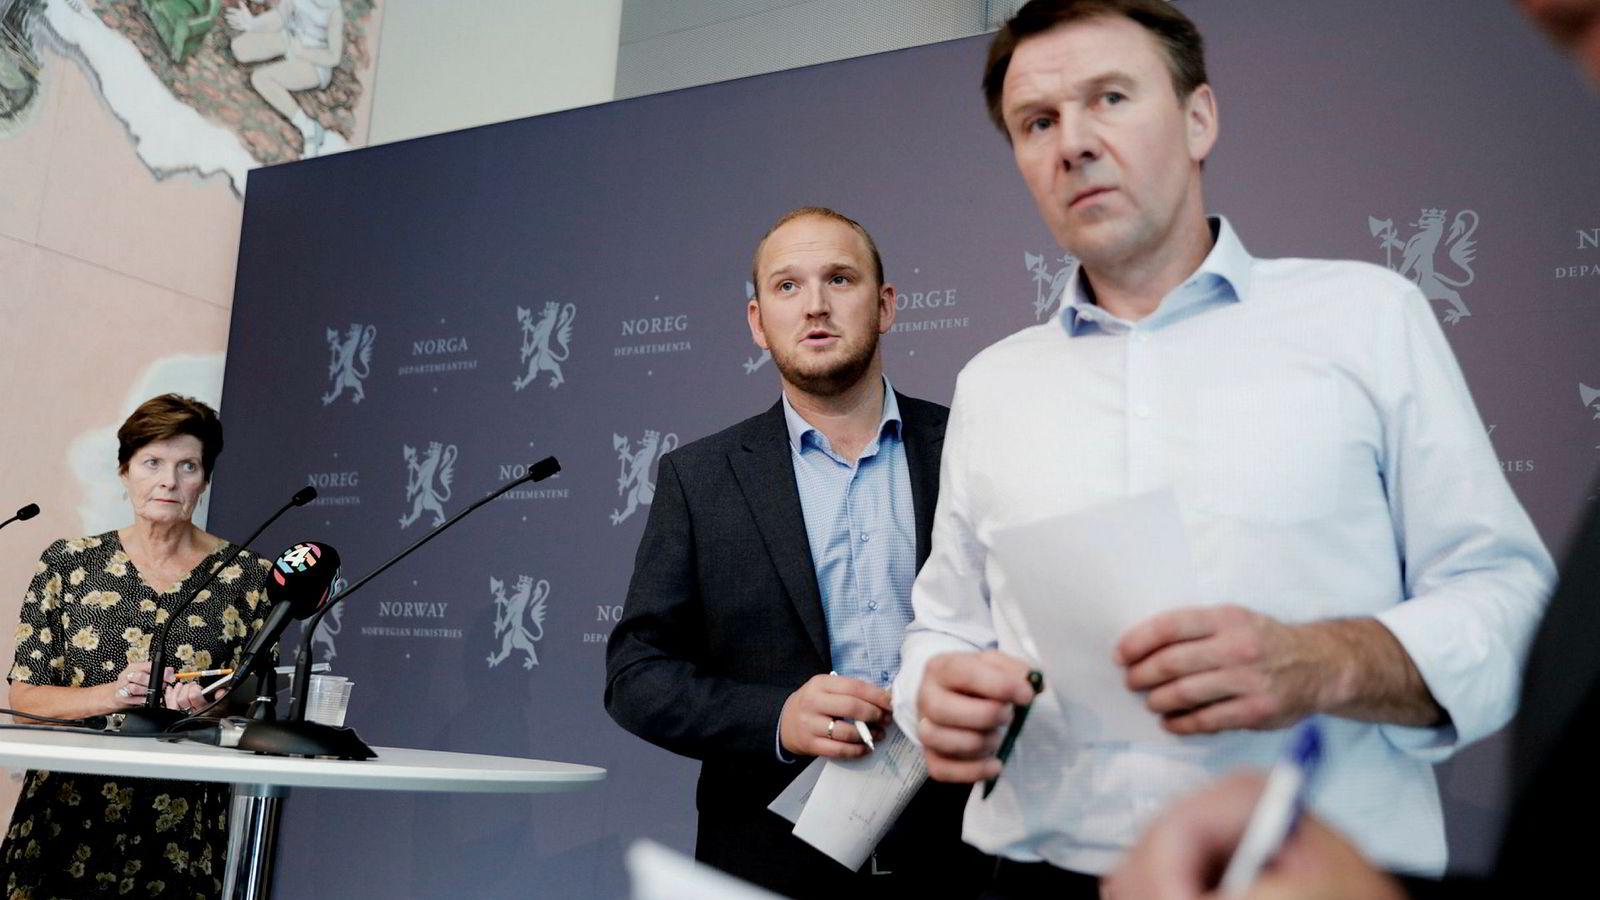 Norges Bondelags Lars Petter Bartnes, Bonde- og Småbrukerlagets Merete Furuberg og landbruksminister Jon Georg Dale under pressekonferansen torsdag i forbindelse med tilleggsforhandlingene.